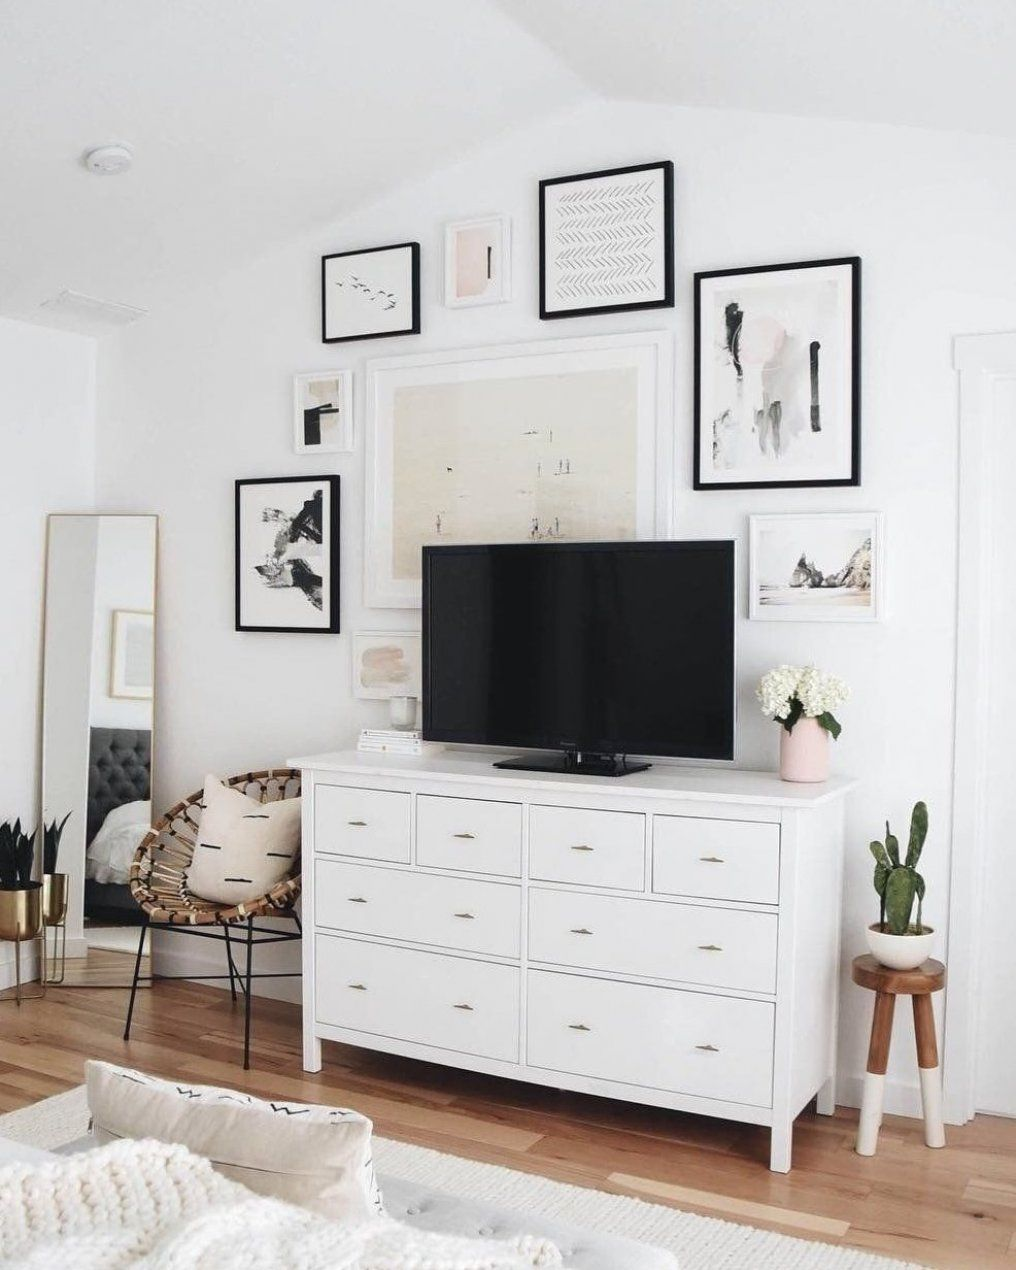 TV im Schlafzimmer süßeszuhause süßezuhauseideen süßedekoration süßewohnkultur  ...